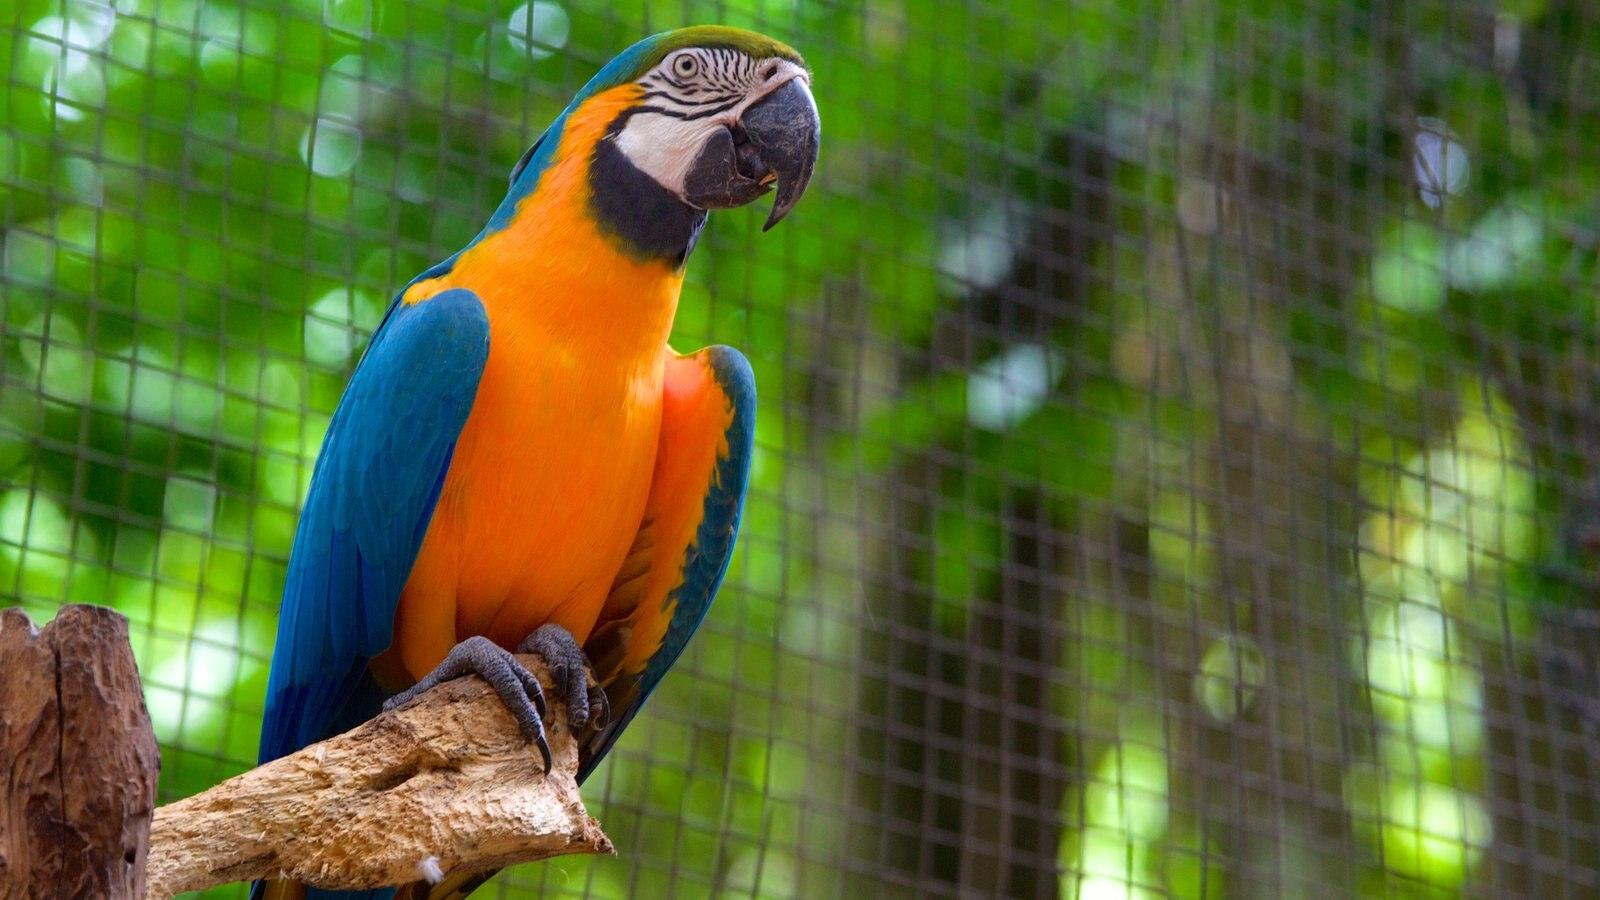 Parque das Aves caracterizando animais de zoológico e vida das aves